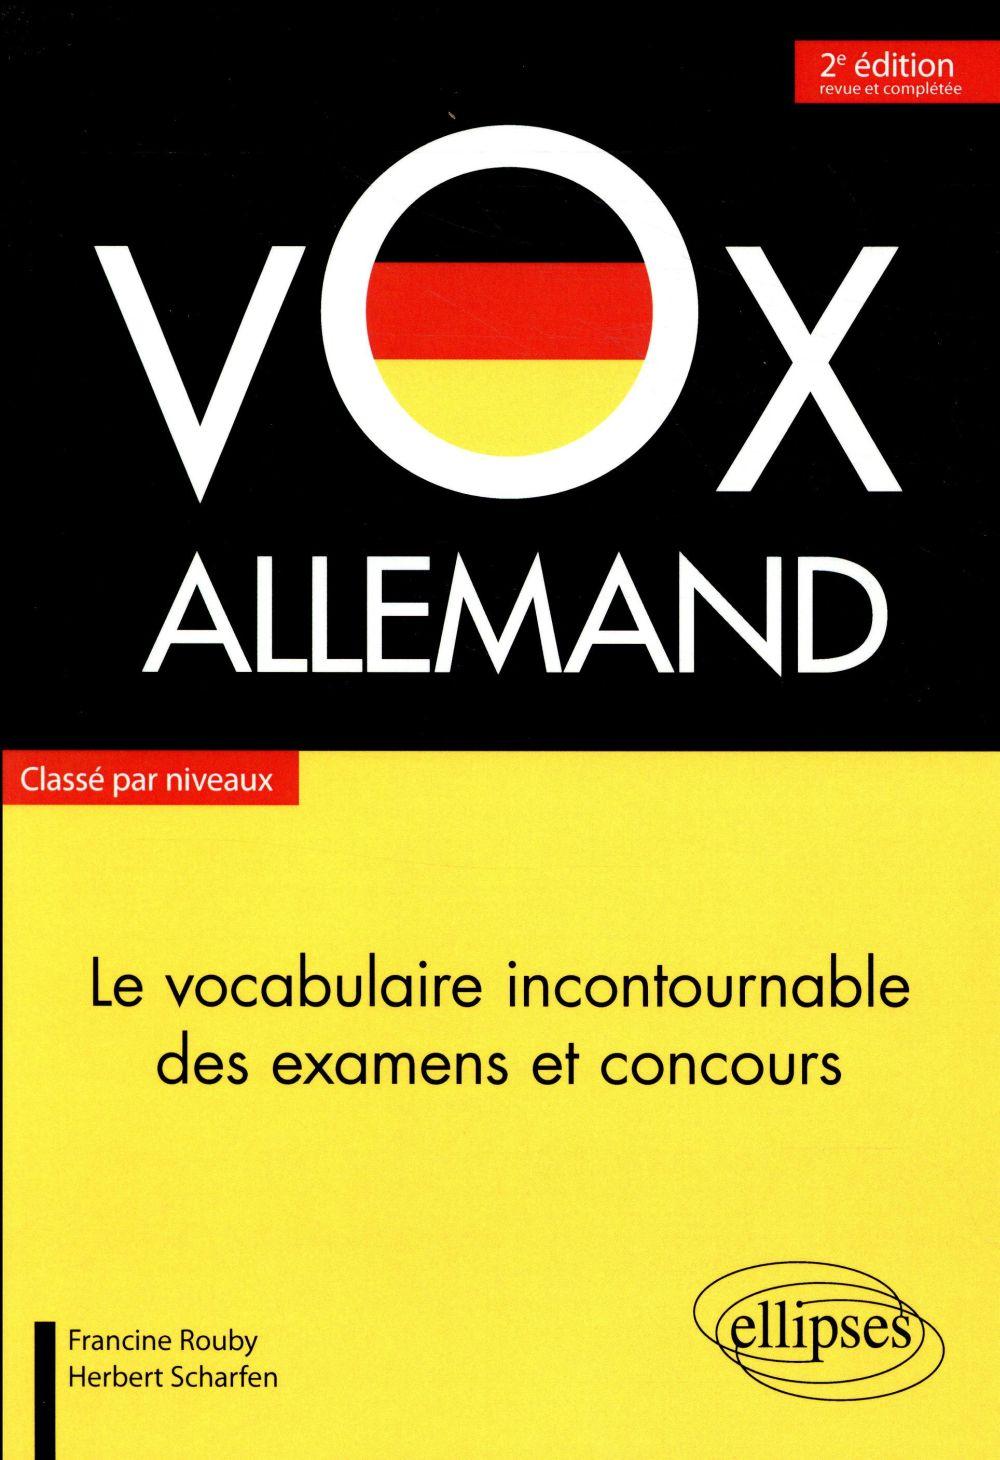 VOX ALLEMAND  -  LE VOCABULAIRE INCONTOURNABLE DES EXAMENS ET CONCOURS  -  CLASSE PAR NIVEAUX (2E EDITION)